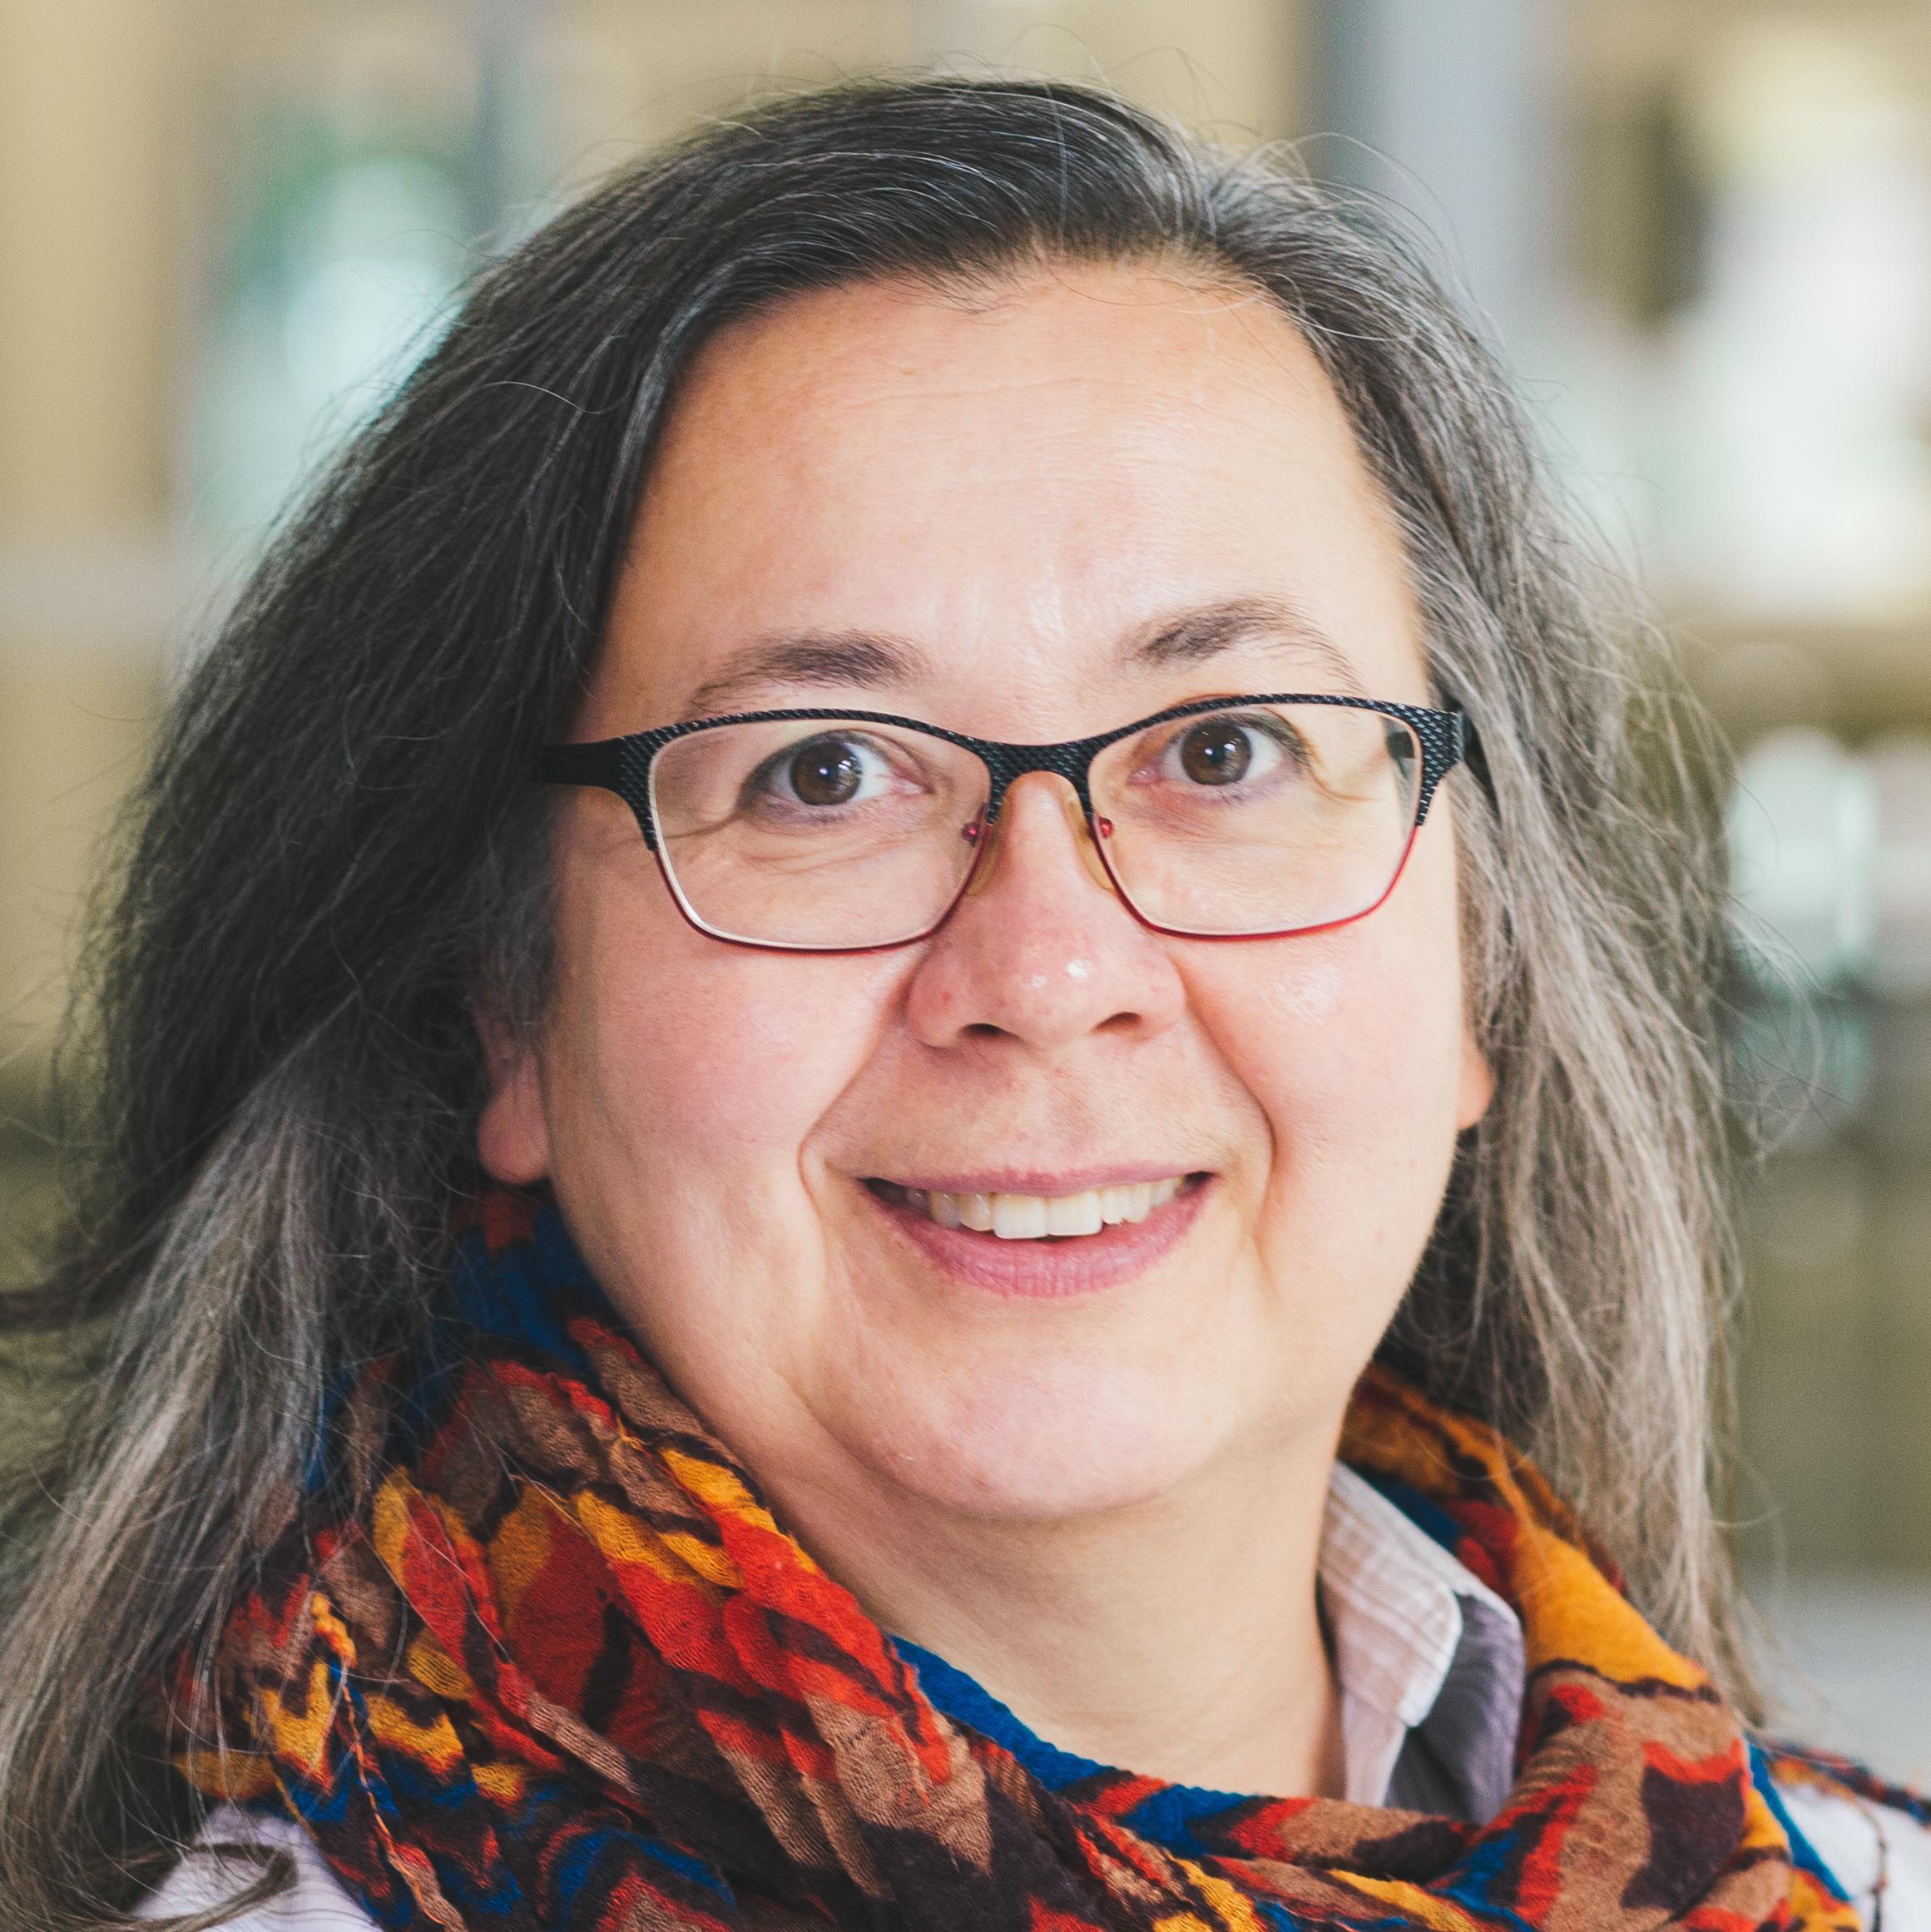 Sabine Ambros